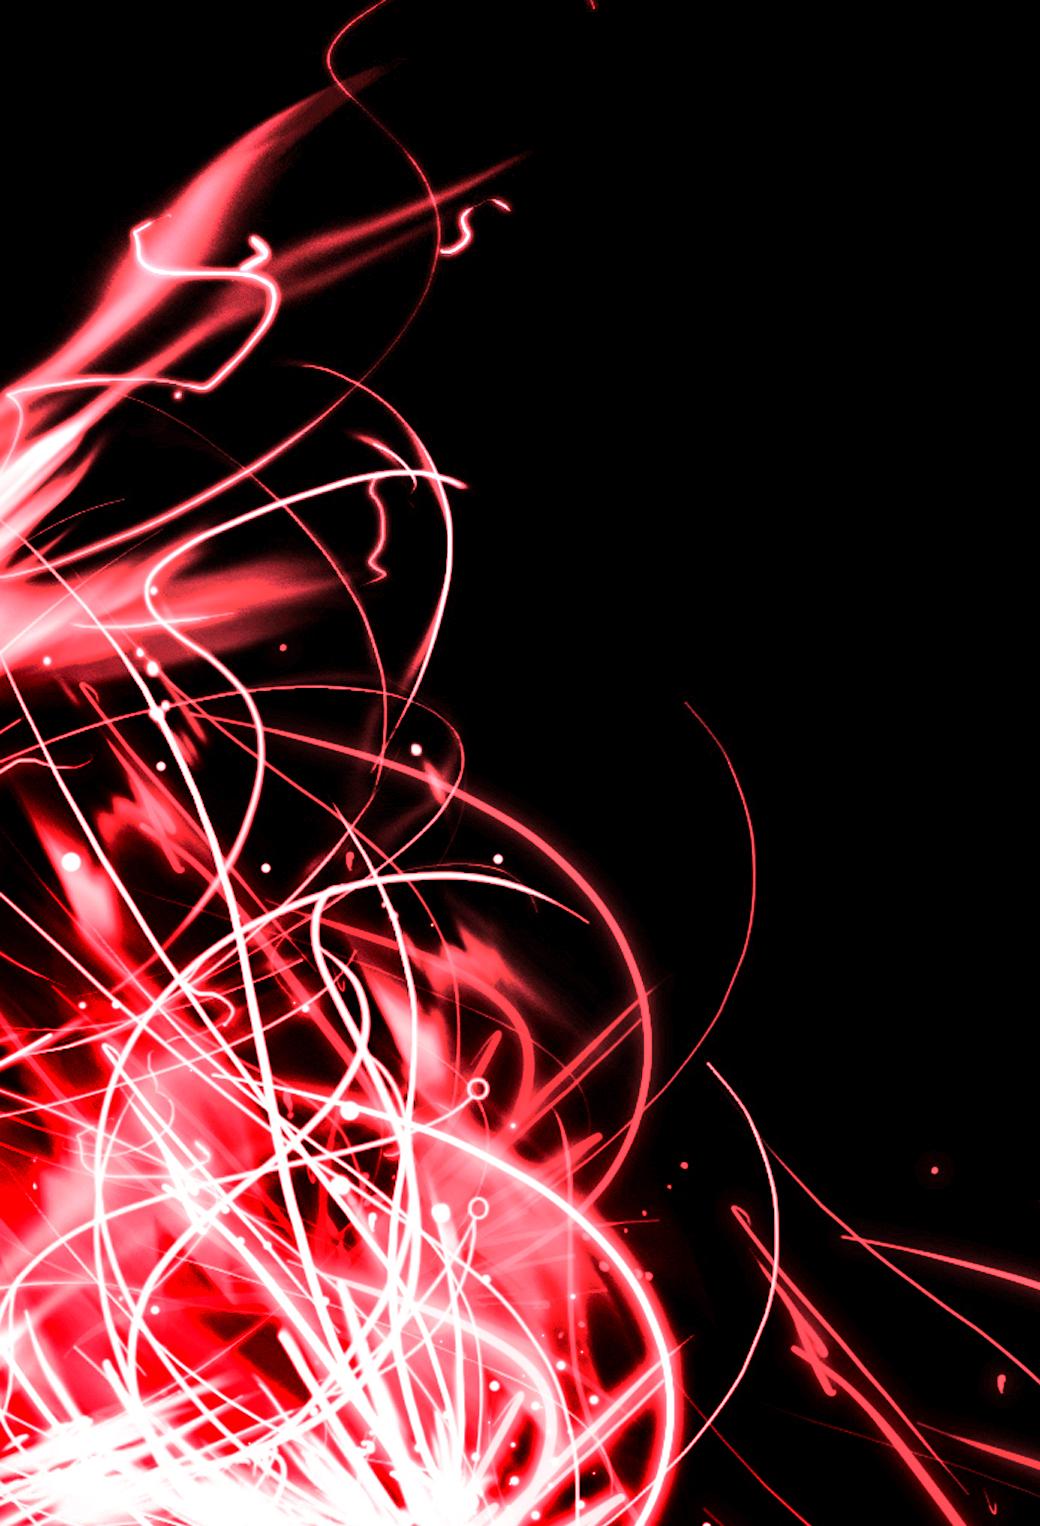 抽象的な赤色の線 155 Iphone壁紙 すべて1136 X 640pxサイズ